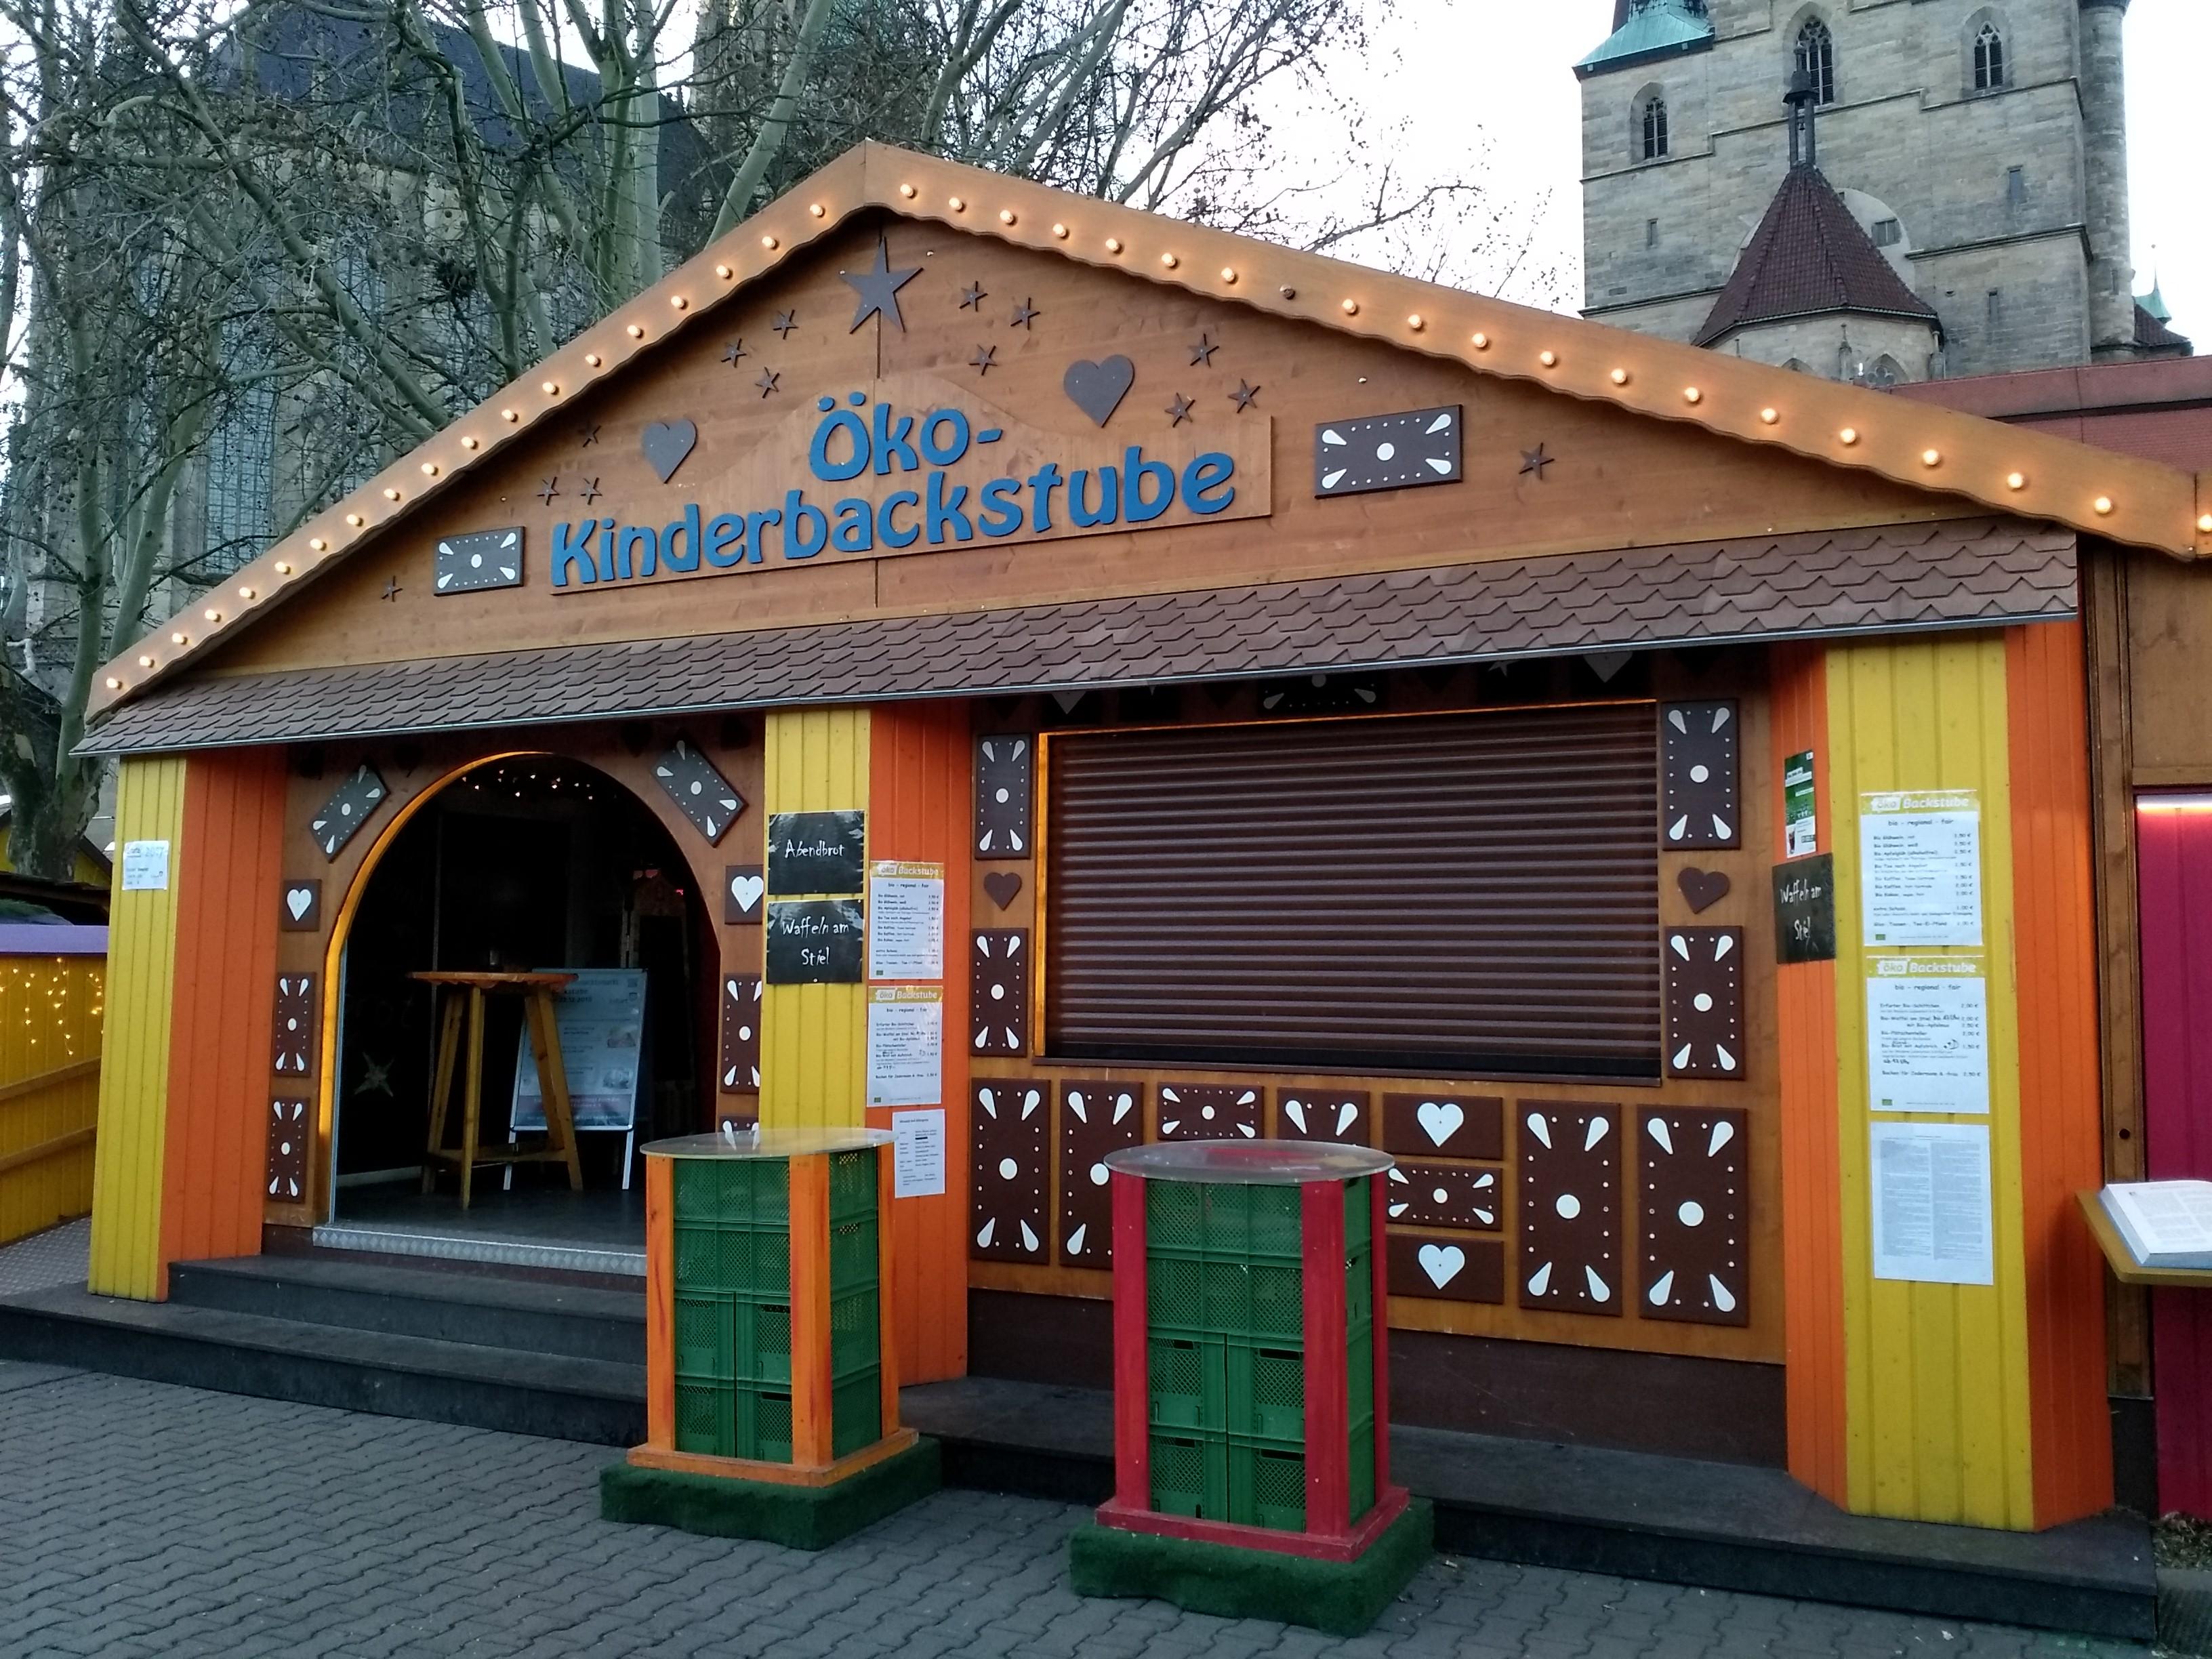 Erfurter Öko-Kinderbackstube